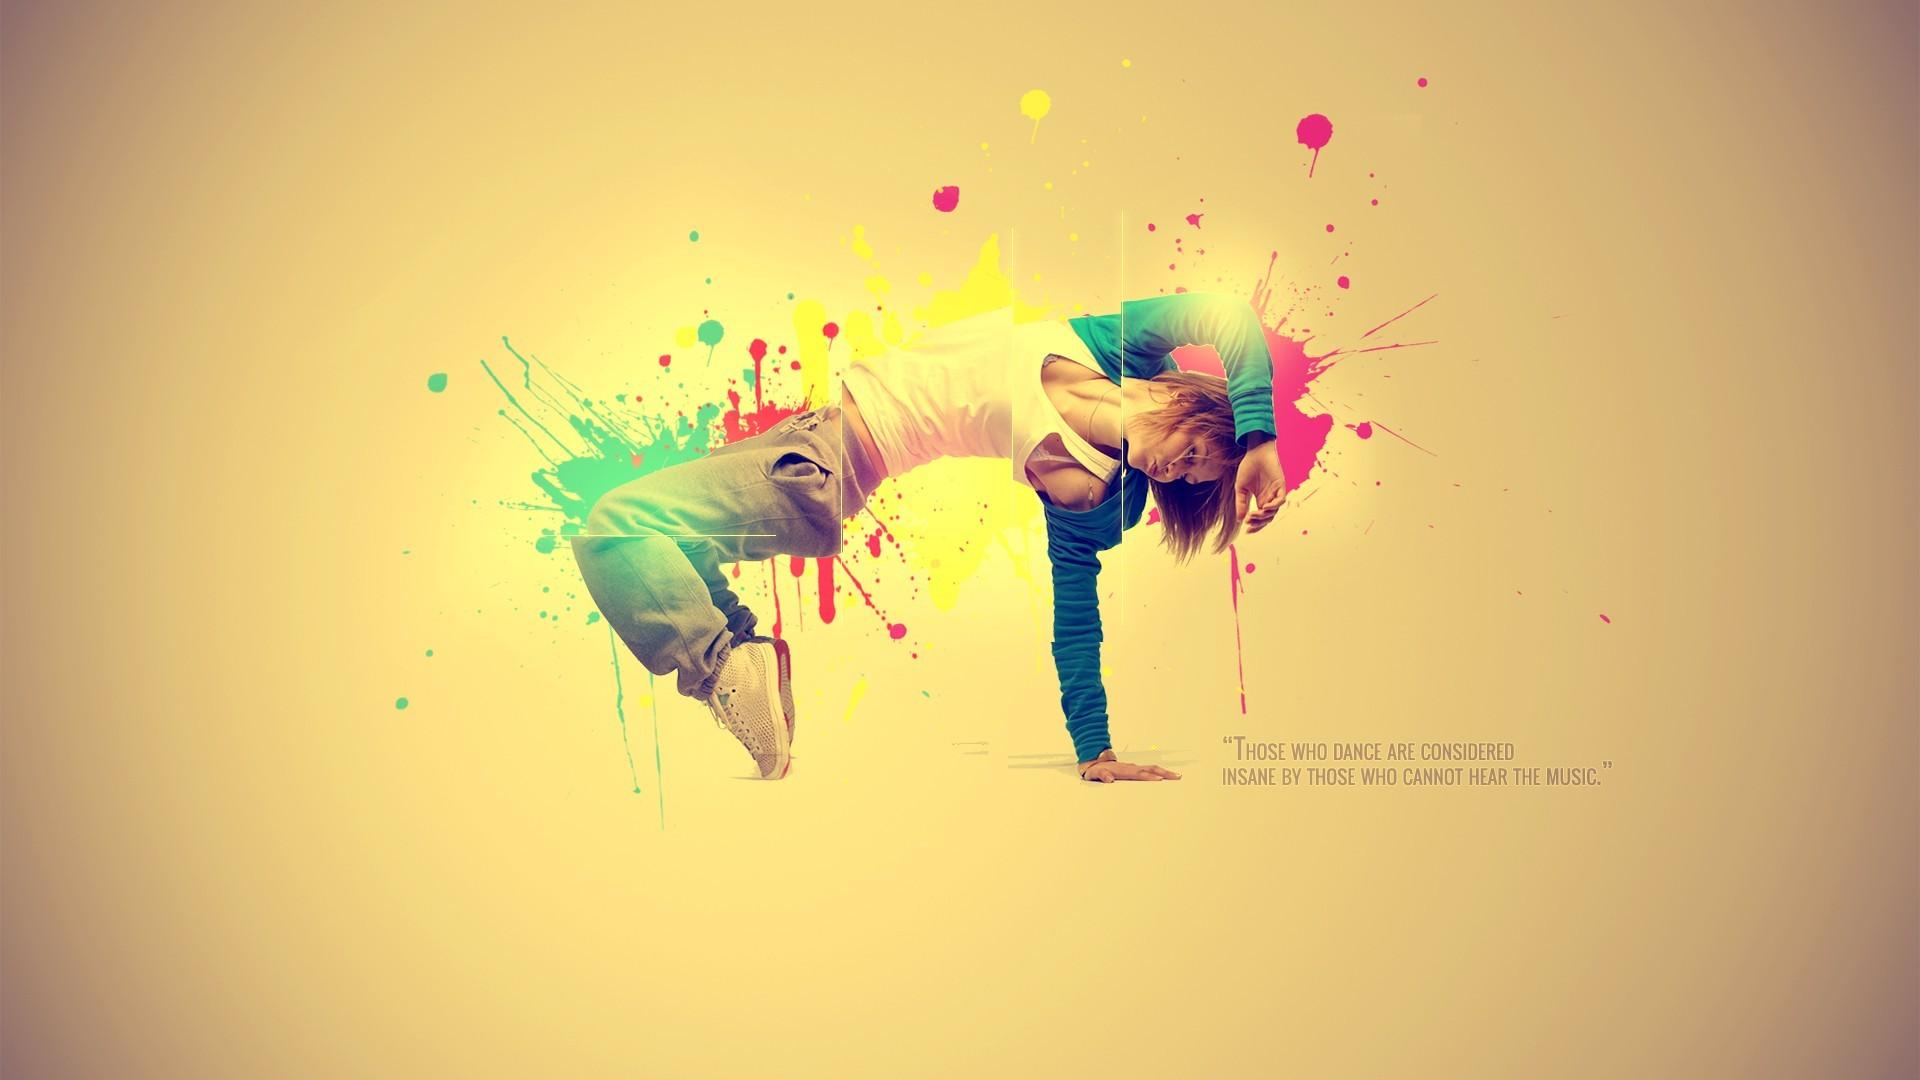 Shall We Dance Images Hi Hd Wallpaper And Background: Fondos De Pantalla : Ilustración, Bailando, Amarillo